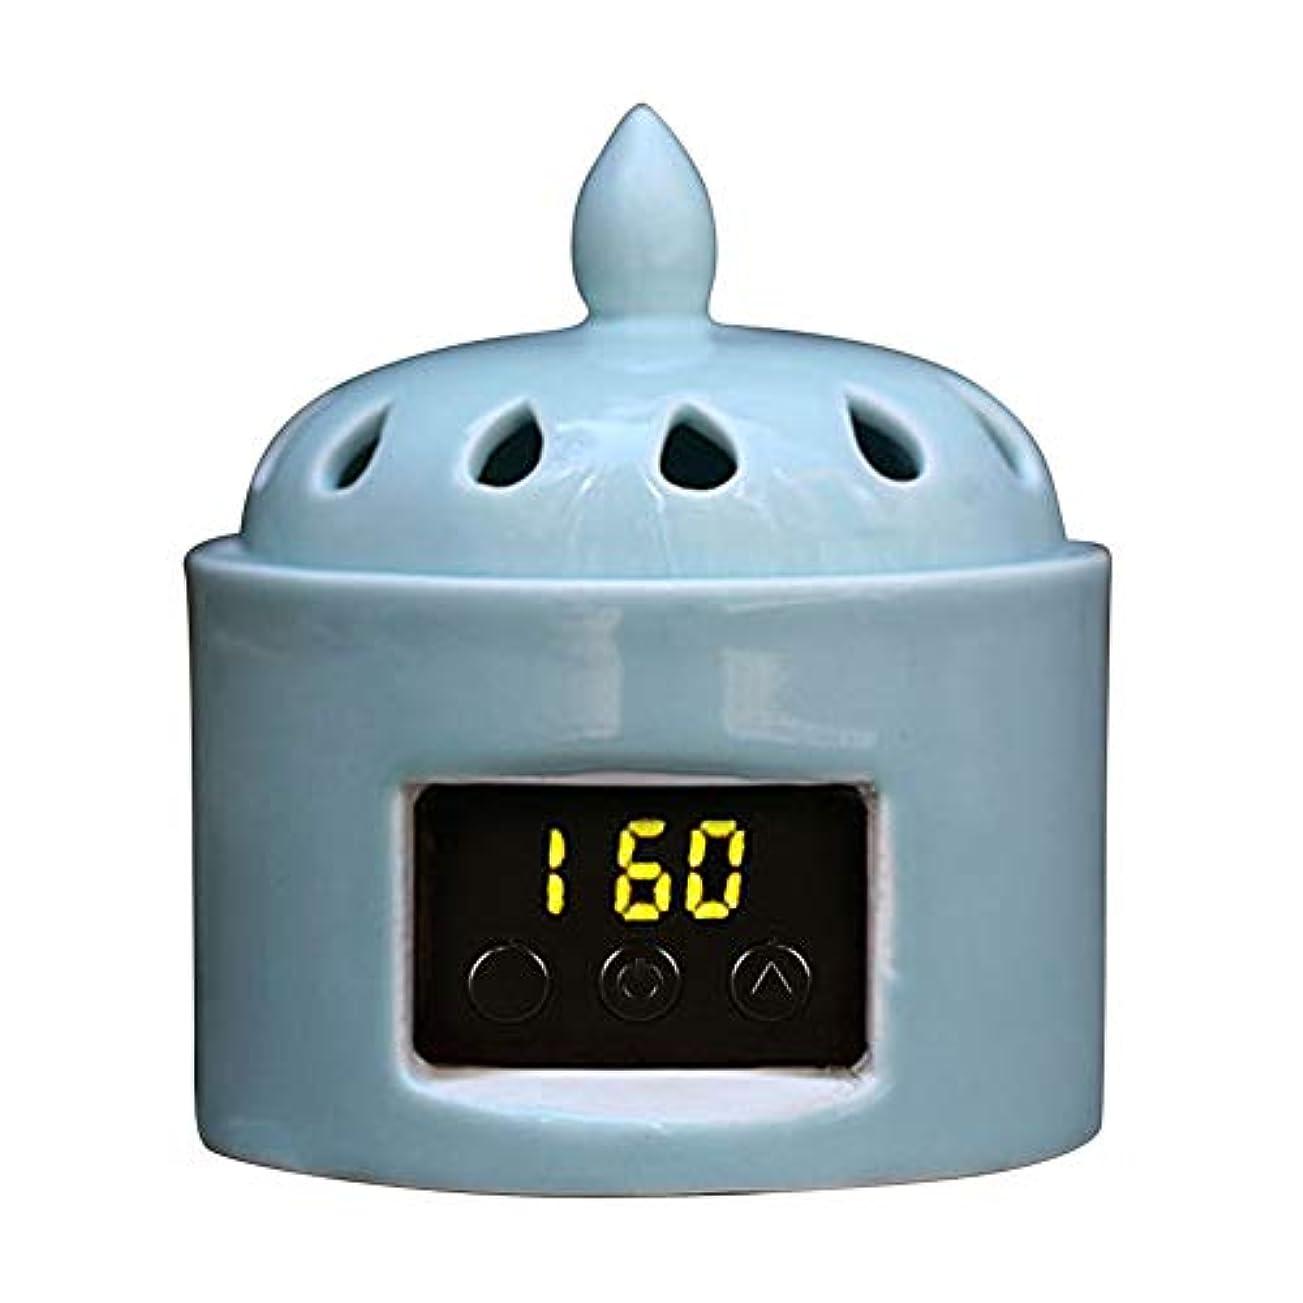 なので簡略化する著作権アロマディフューザー LCD温度制御 香炉、 電気セラミック 寒天 エッセンシャルオイル アロマテラピーディフューザー、 ホーム磁器、 バルコニー、 ポーチ、 パティオ、 ガーデンエッセンシャル セラミック電気香炉